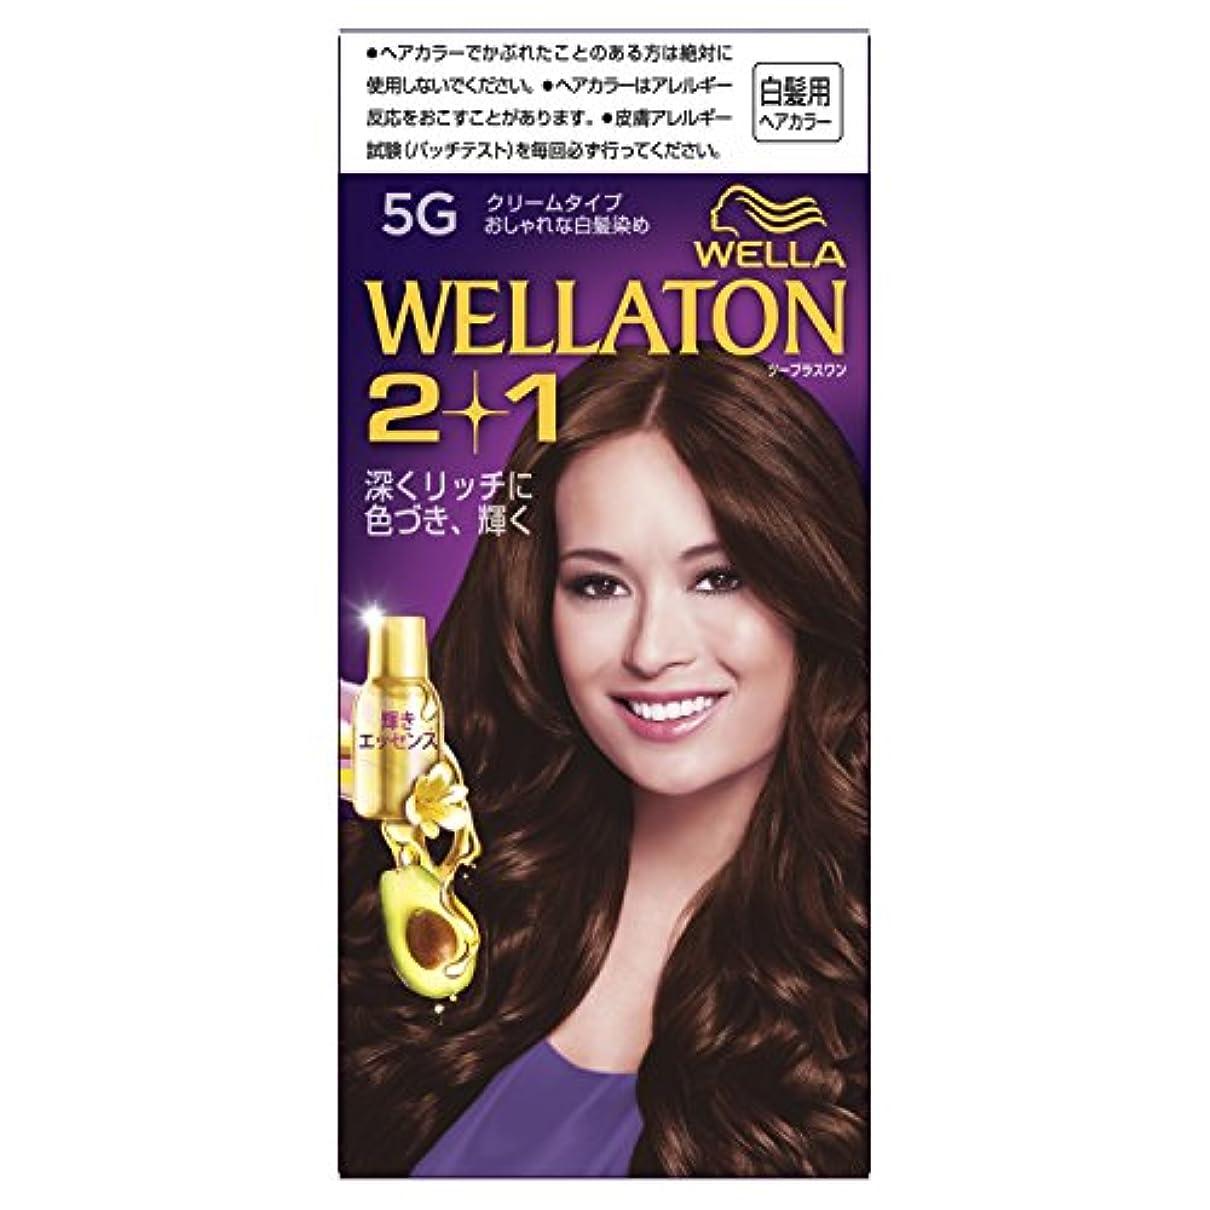 電極キャンバス協力ウエラトーン2+1 クリームタイプ 5G [医薬部外品](おしゃれな白髪染め)